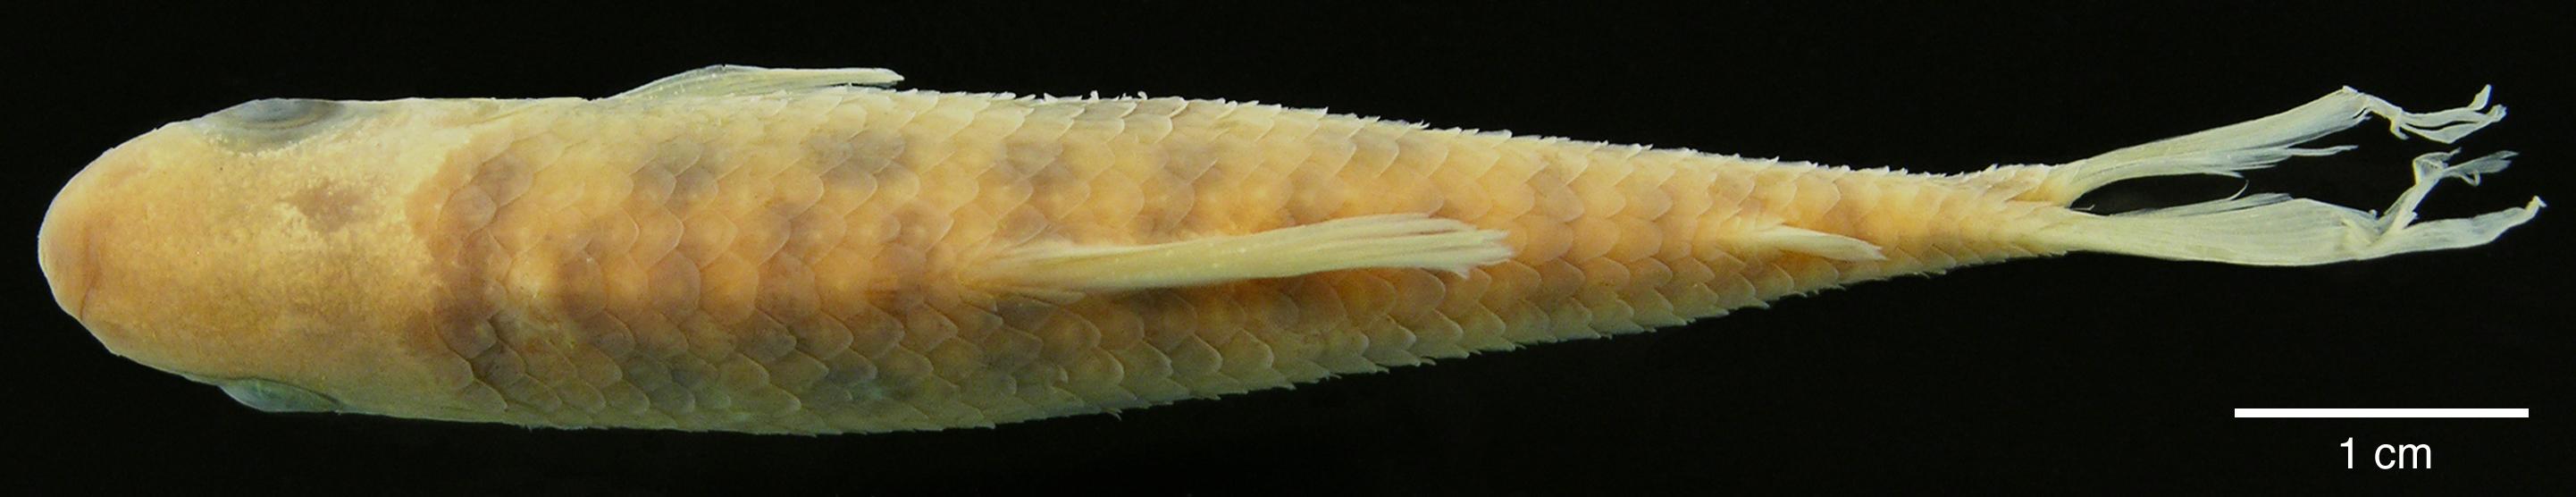 Paratípo de <em>Leporinus boehlkei</em>, IAvH-P-10562_Dorsal, 70.2 mm SL (scale bar = 1 cm). Photograph by M. H. Sabaj Pérez